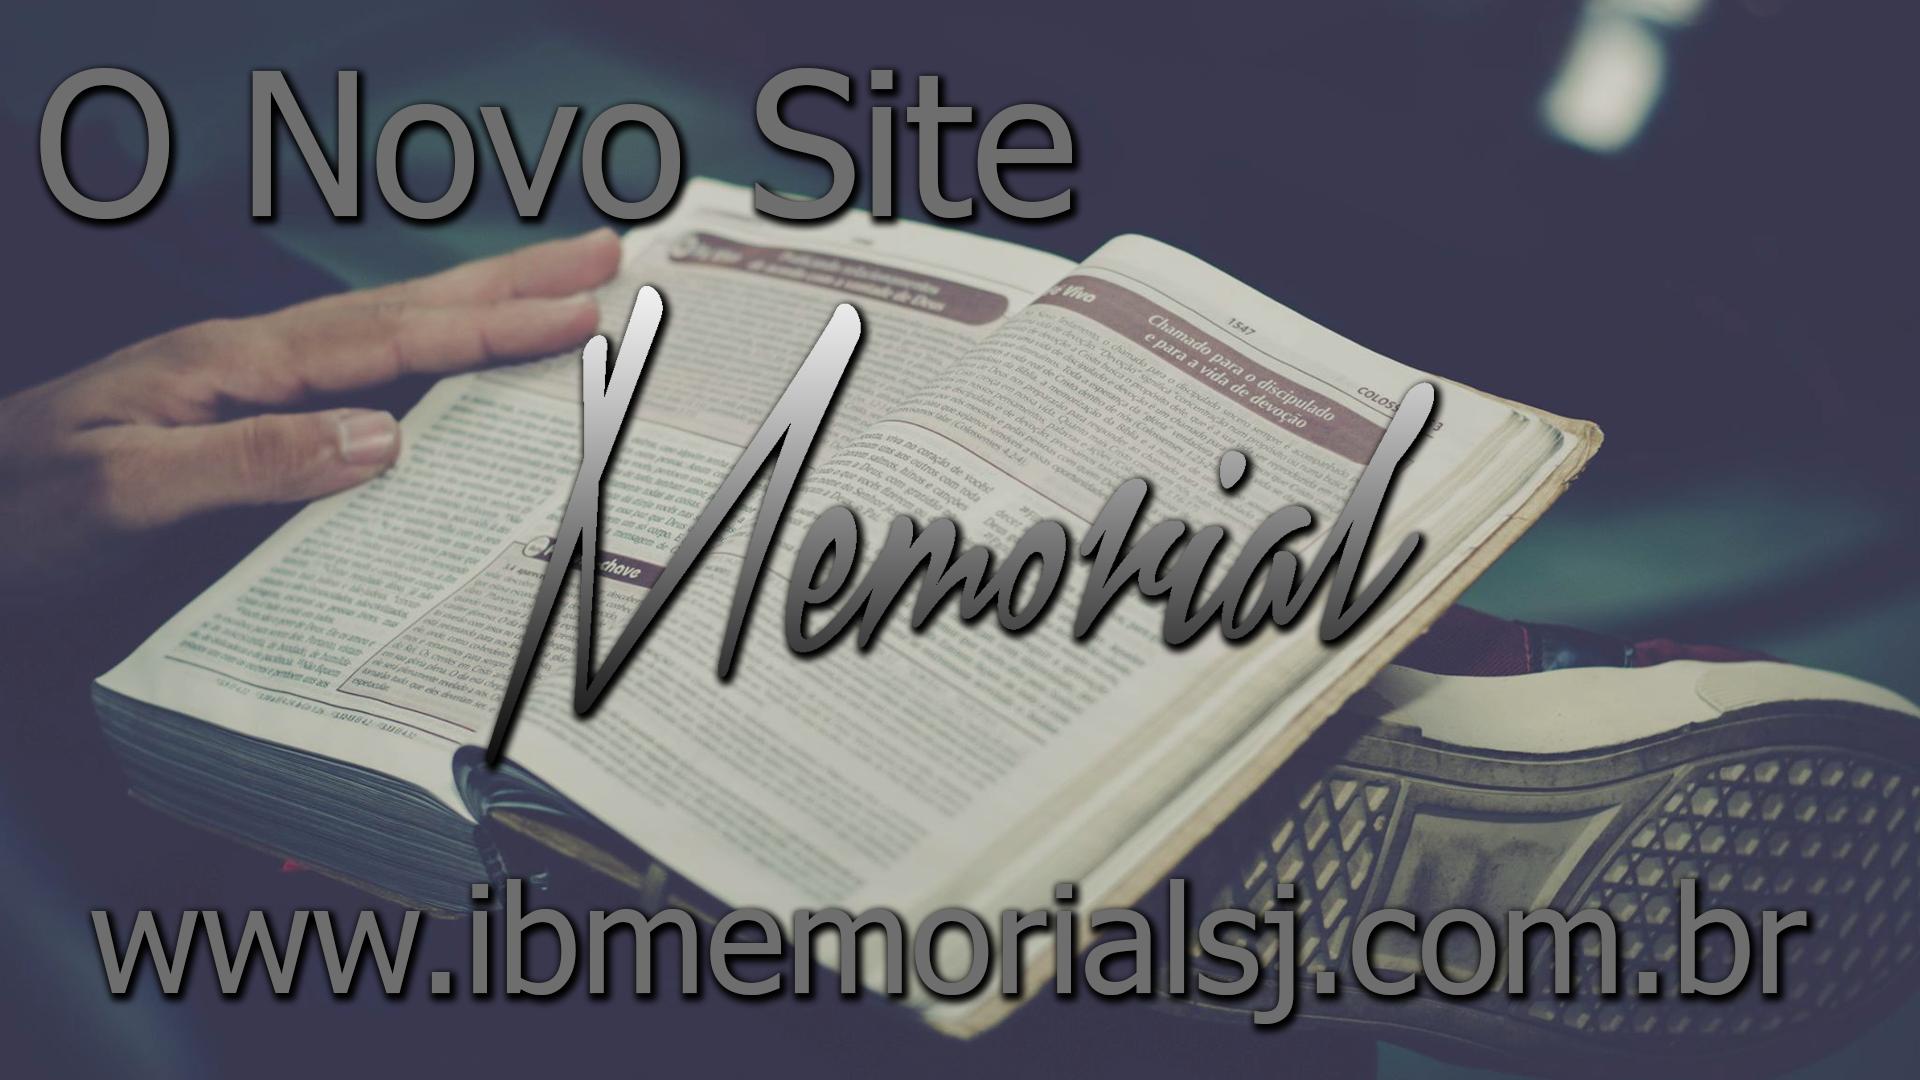 (c) Ibmemorialsj.com.br